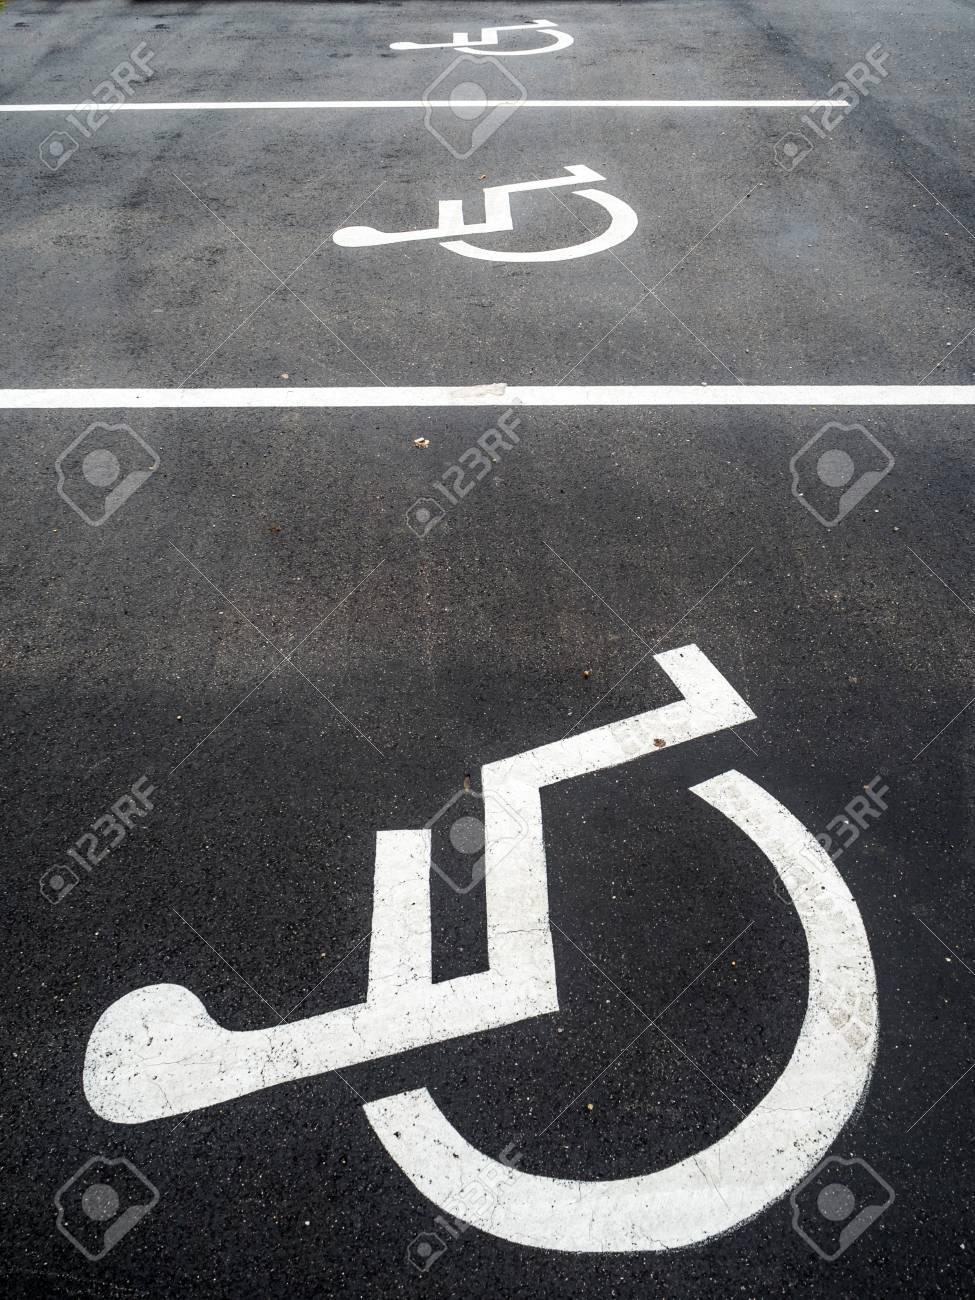 Uscire con una donna su una sedia a rotelle